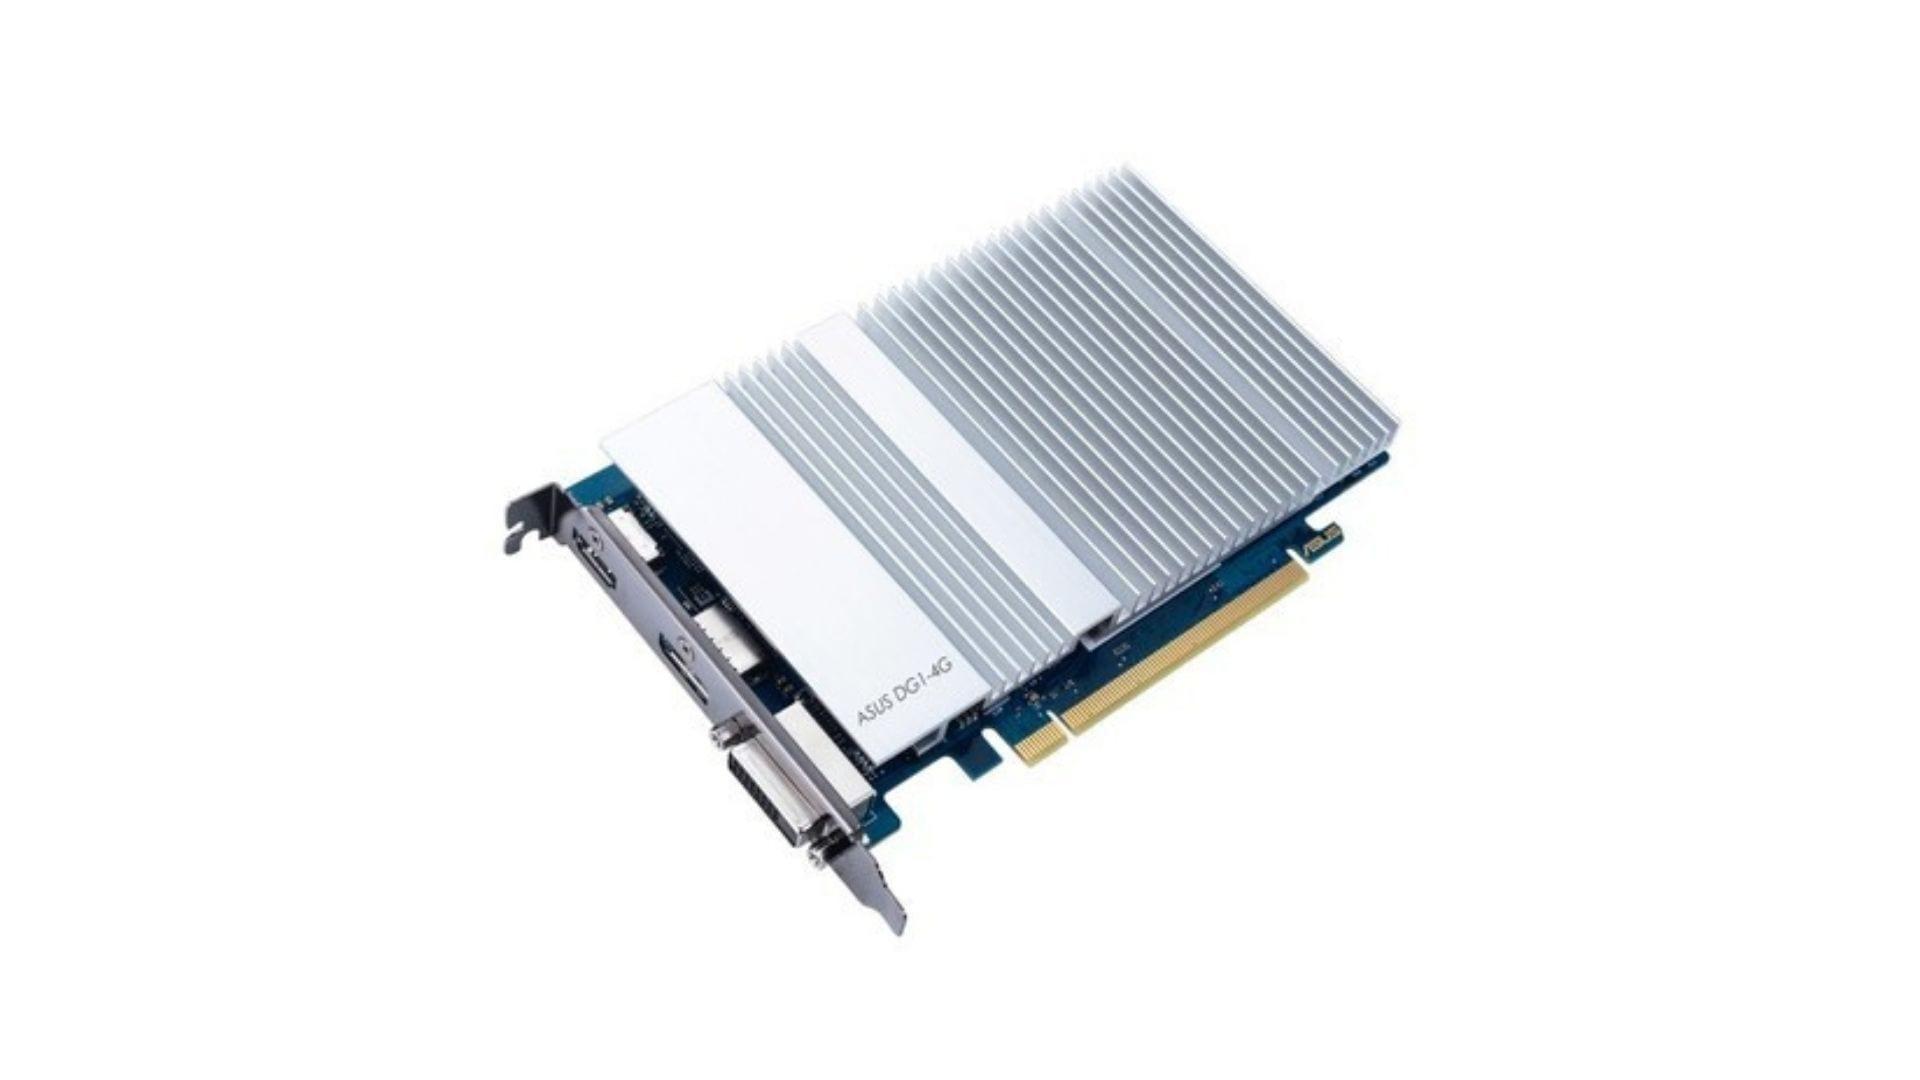 Intel: partono le spedizioni per Iris Xe, la scheda grafica per i preassemblati